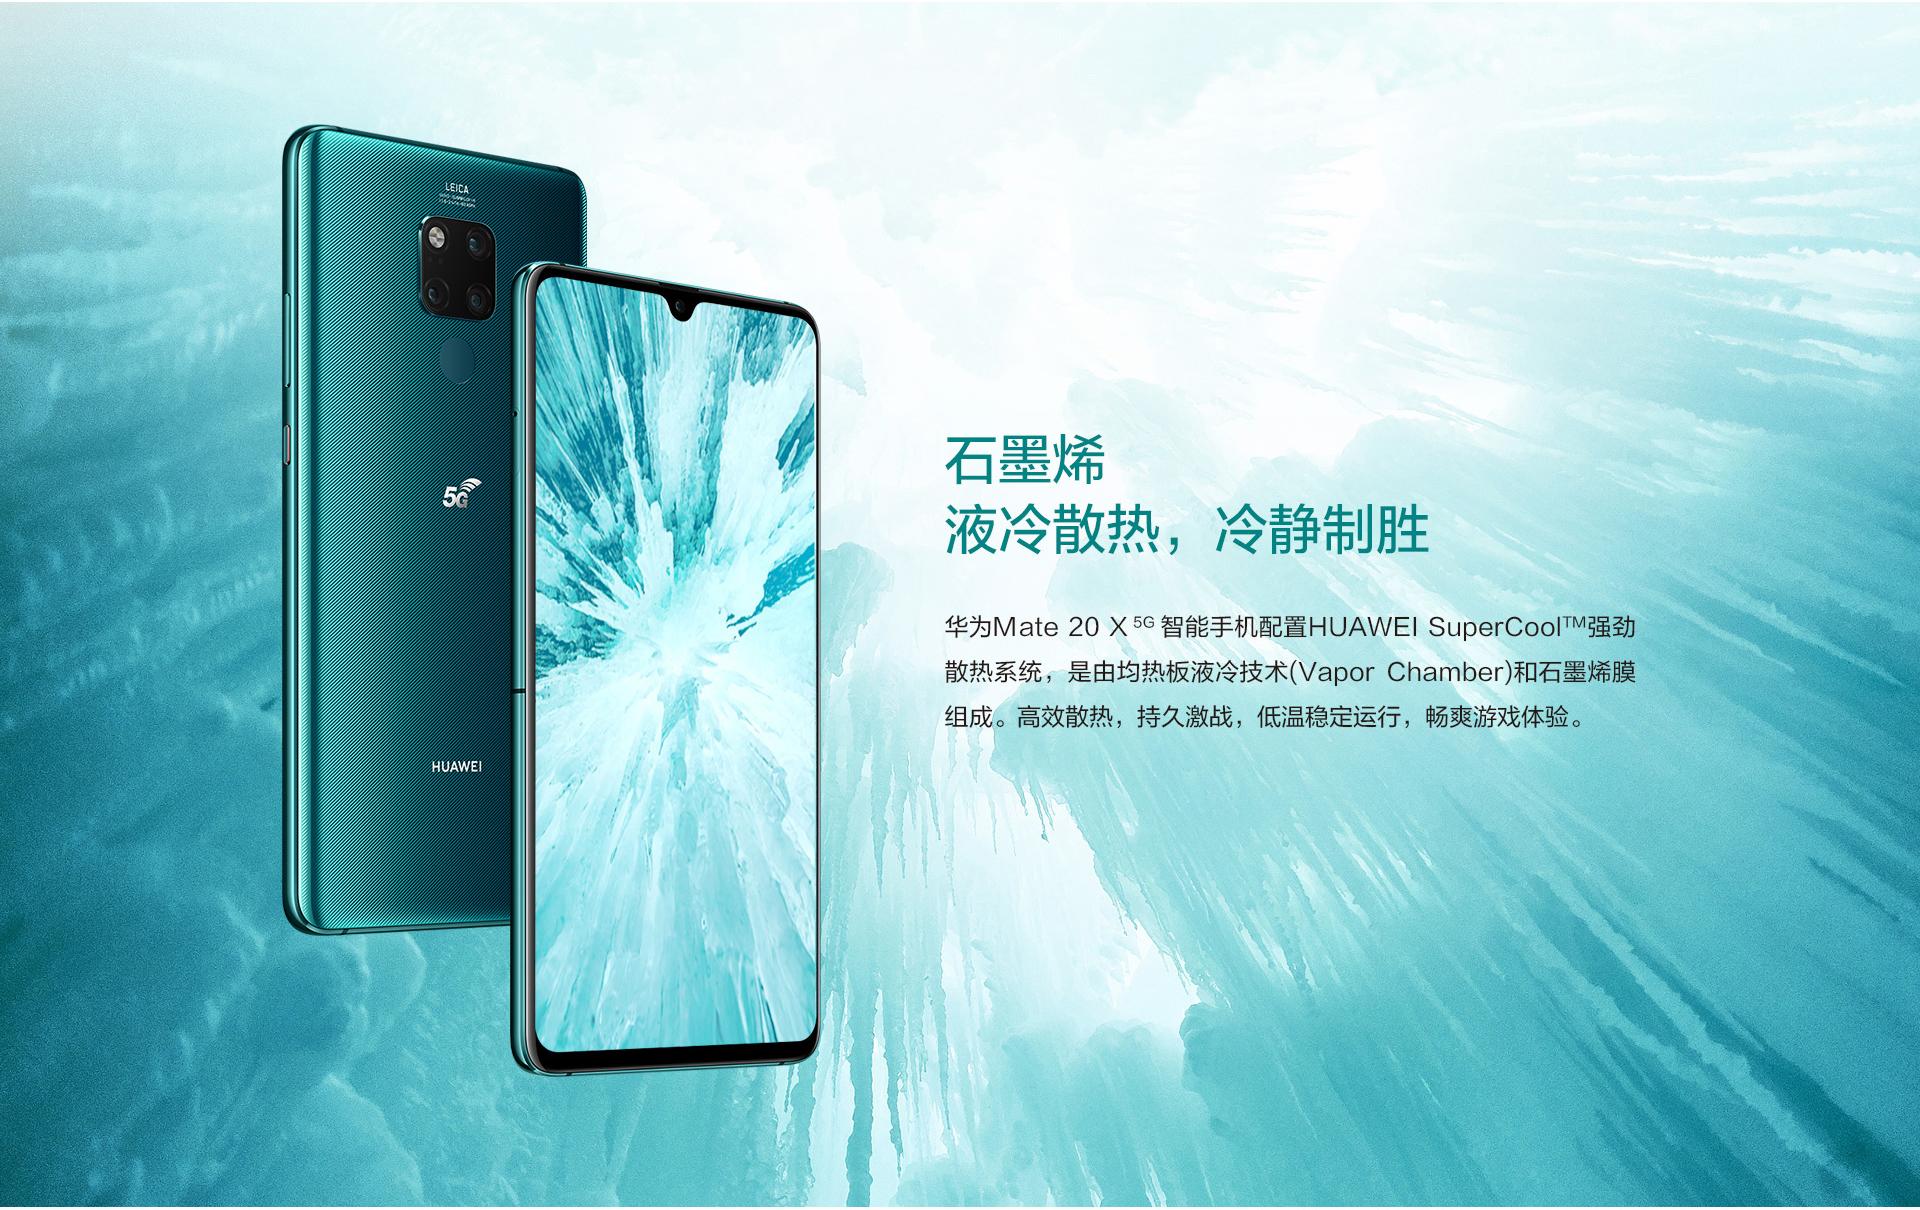 华为5G手机Mate 20 X今早开售 目前官网已经售罄